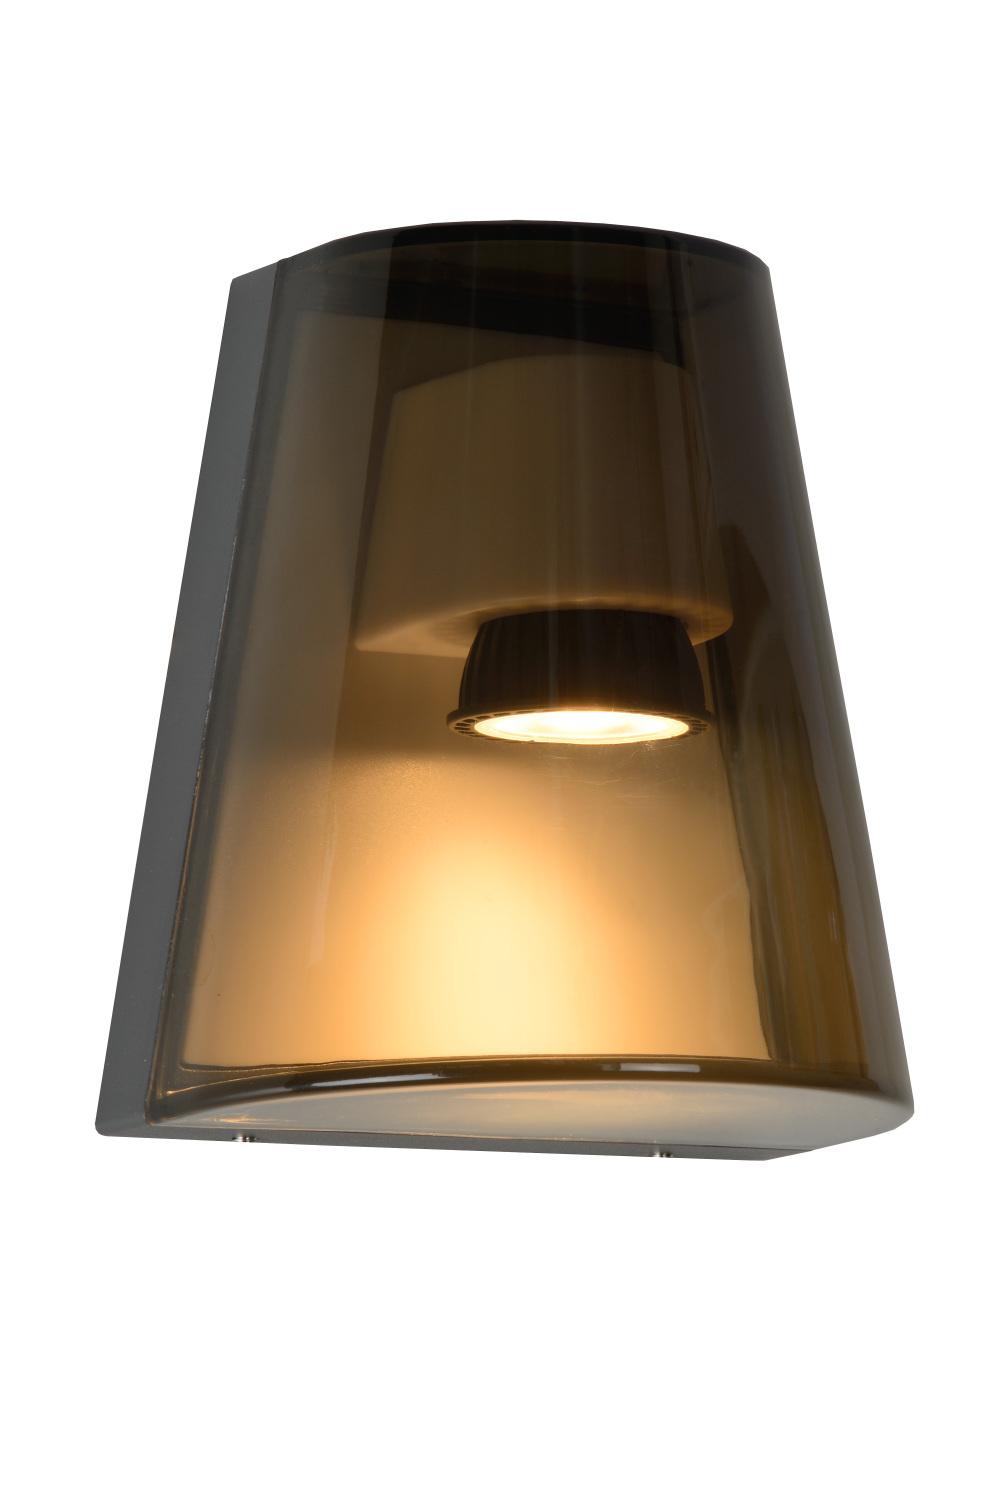 Lucide FREO Wandlicht IP54 GU10/12W H16.6cm Rookglas